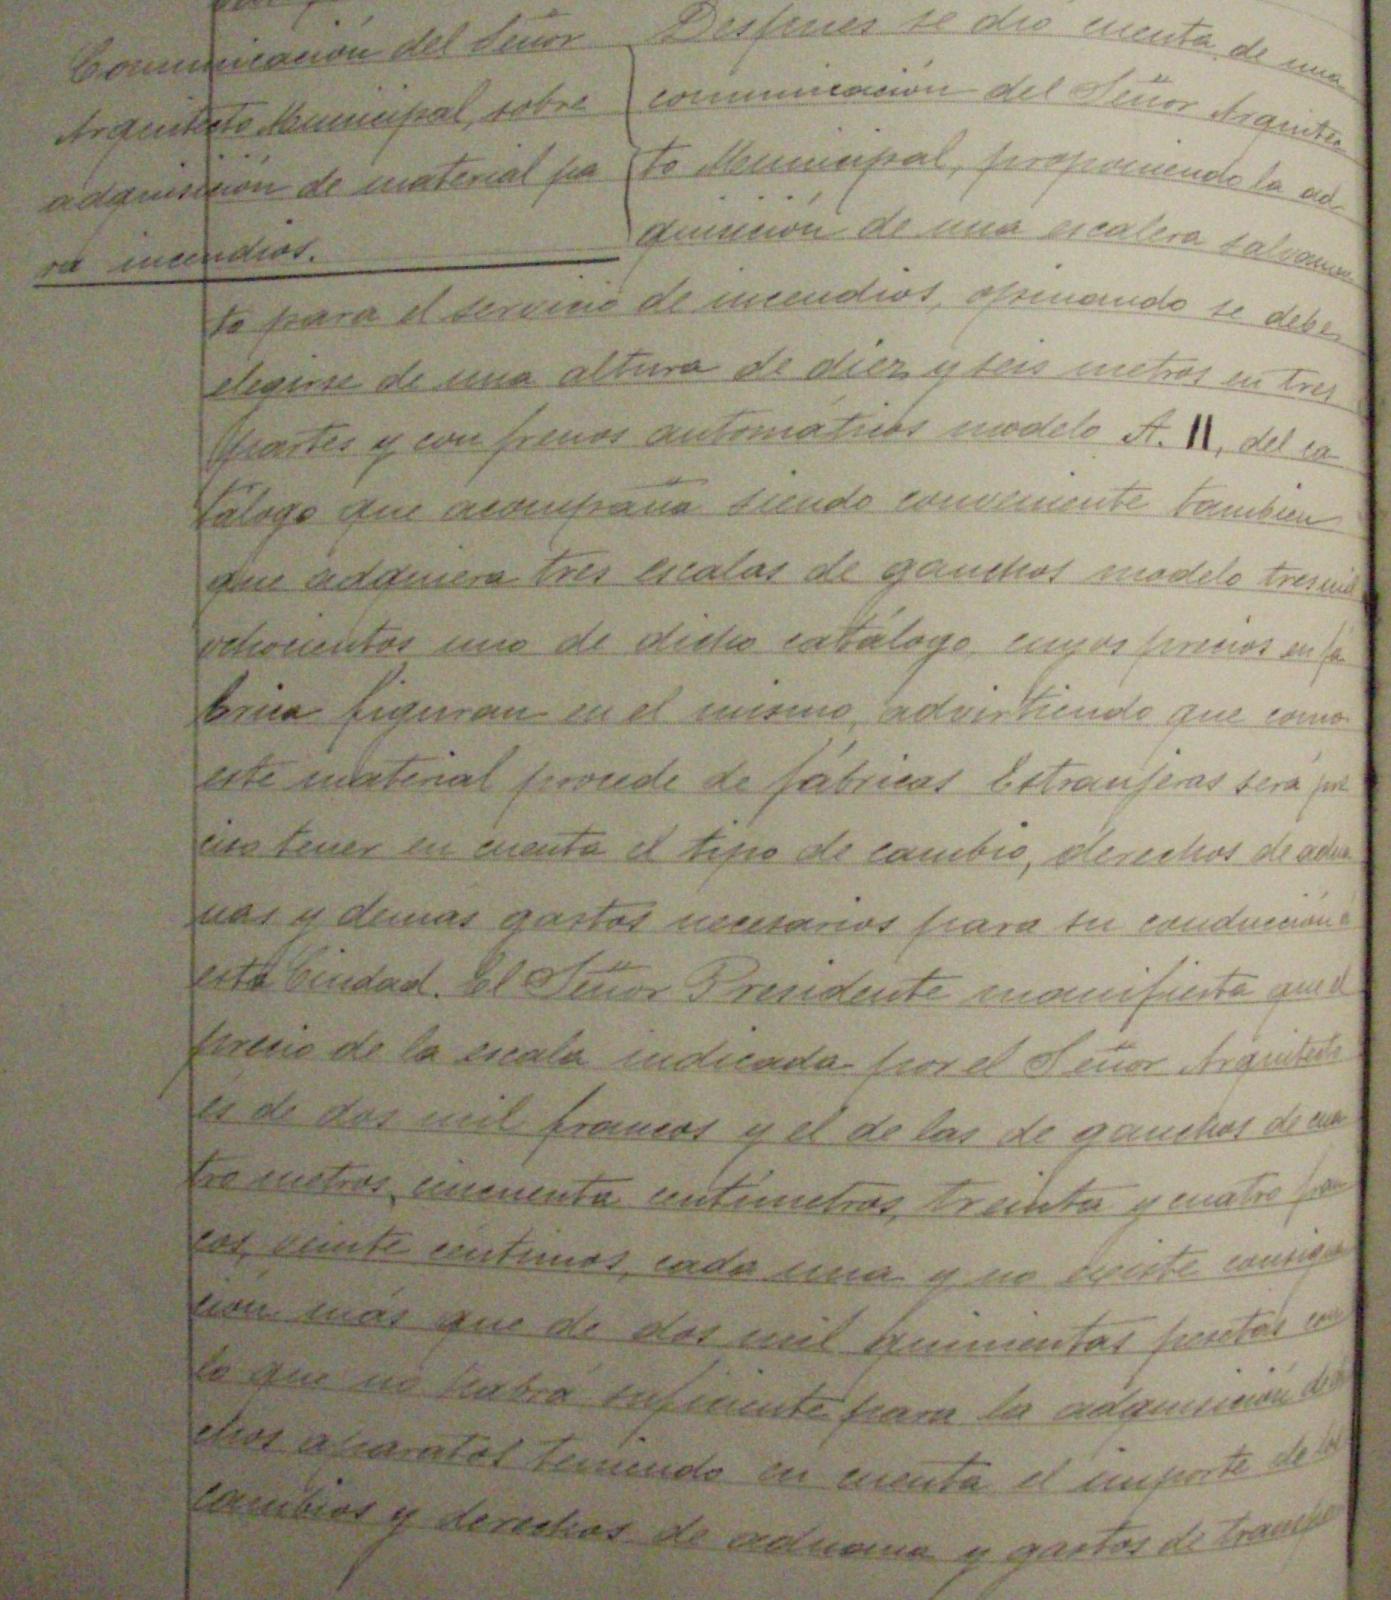 Libro de actas Ayto.Toledo . Octubre 1902-noviembre 1903, p. 195, Comunicación del Arquitecto sobre adquisición de material de incendios